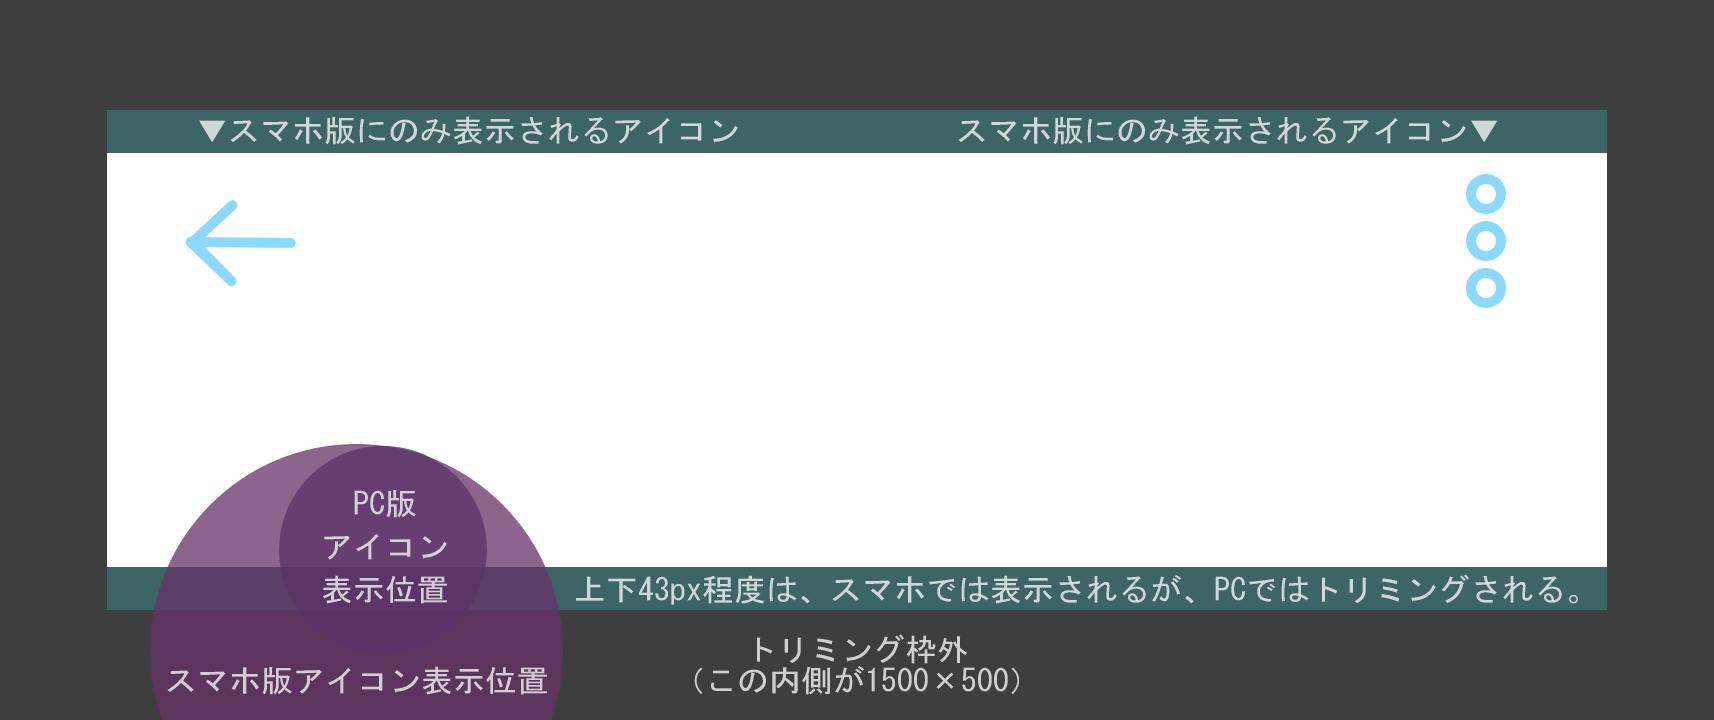 20190115-Twitter-Waku-ver2.png